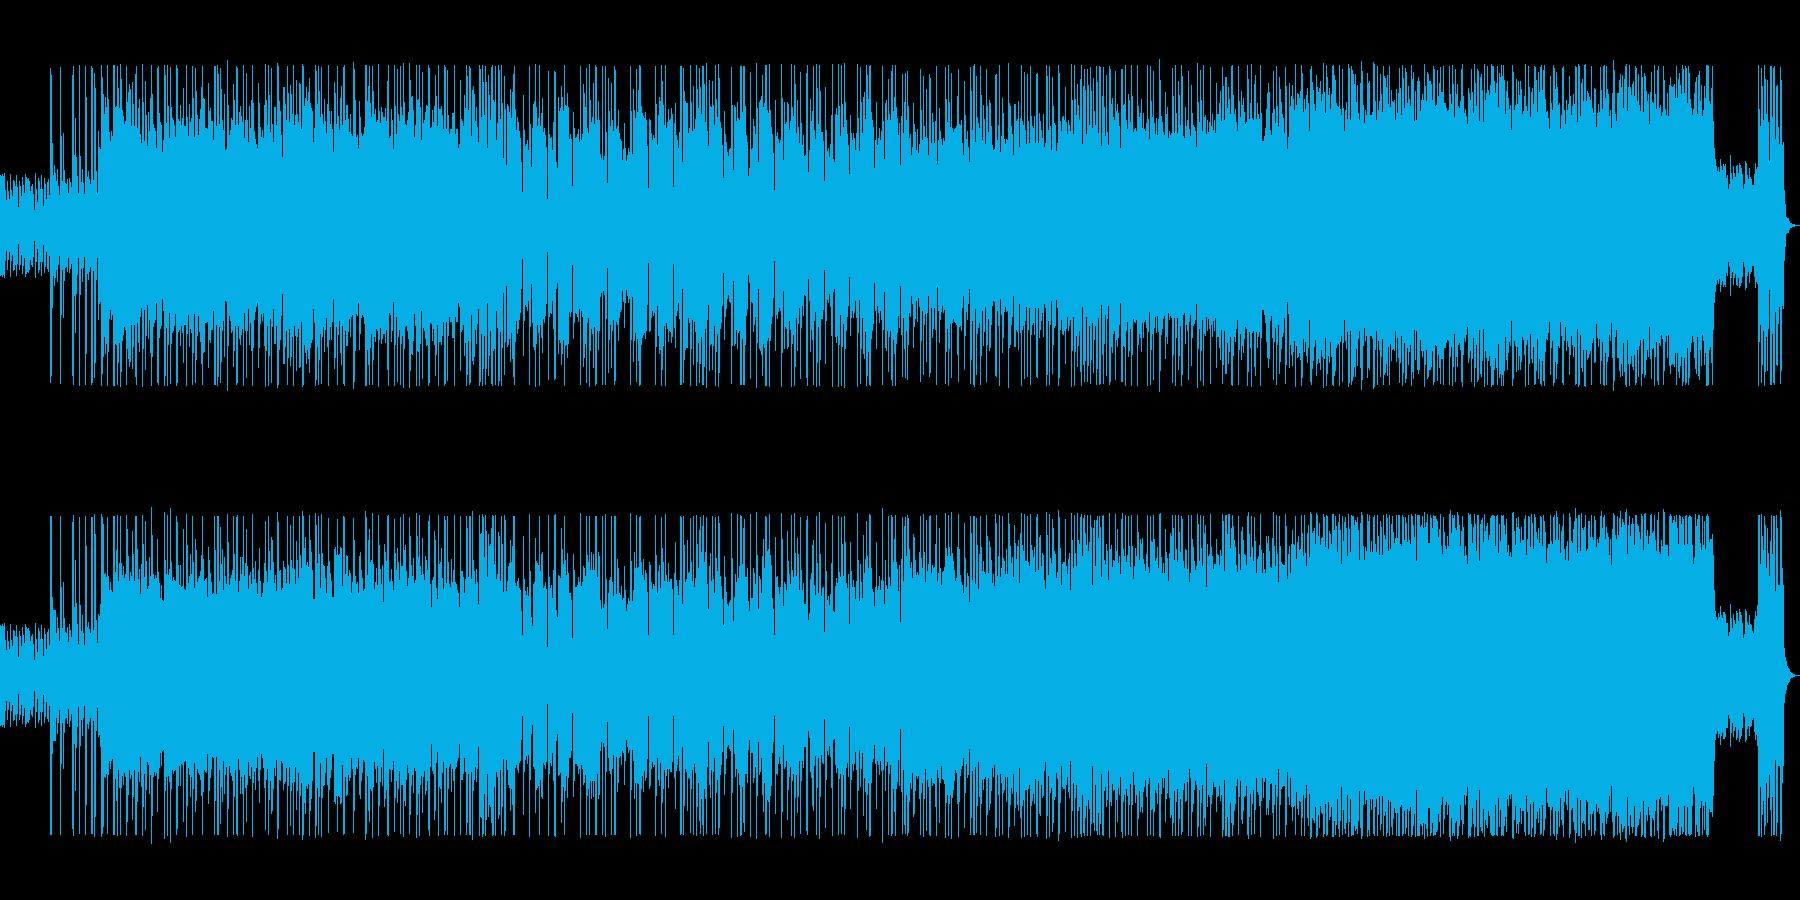 軽快なロック、気分が明るく元気になる曲の再生済みの波形